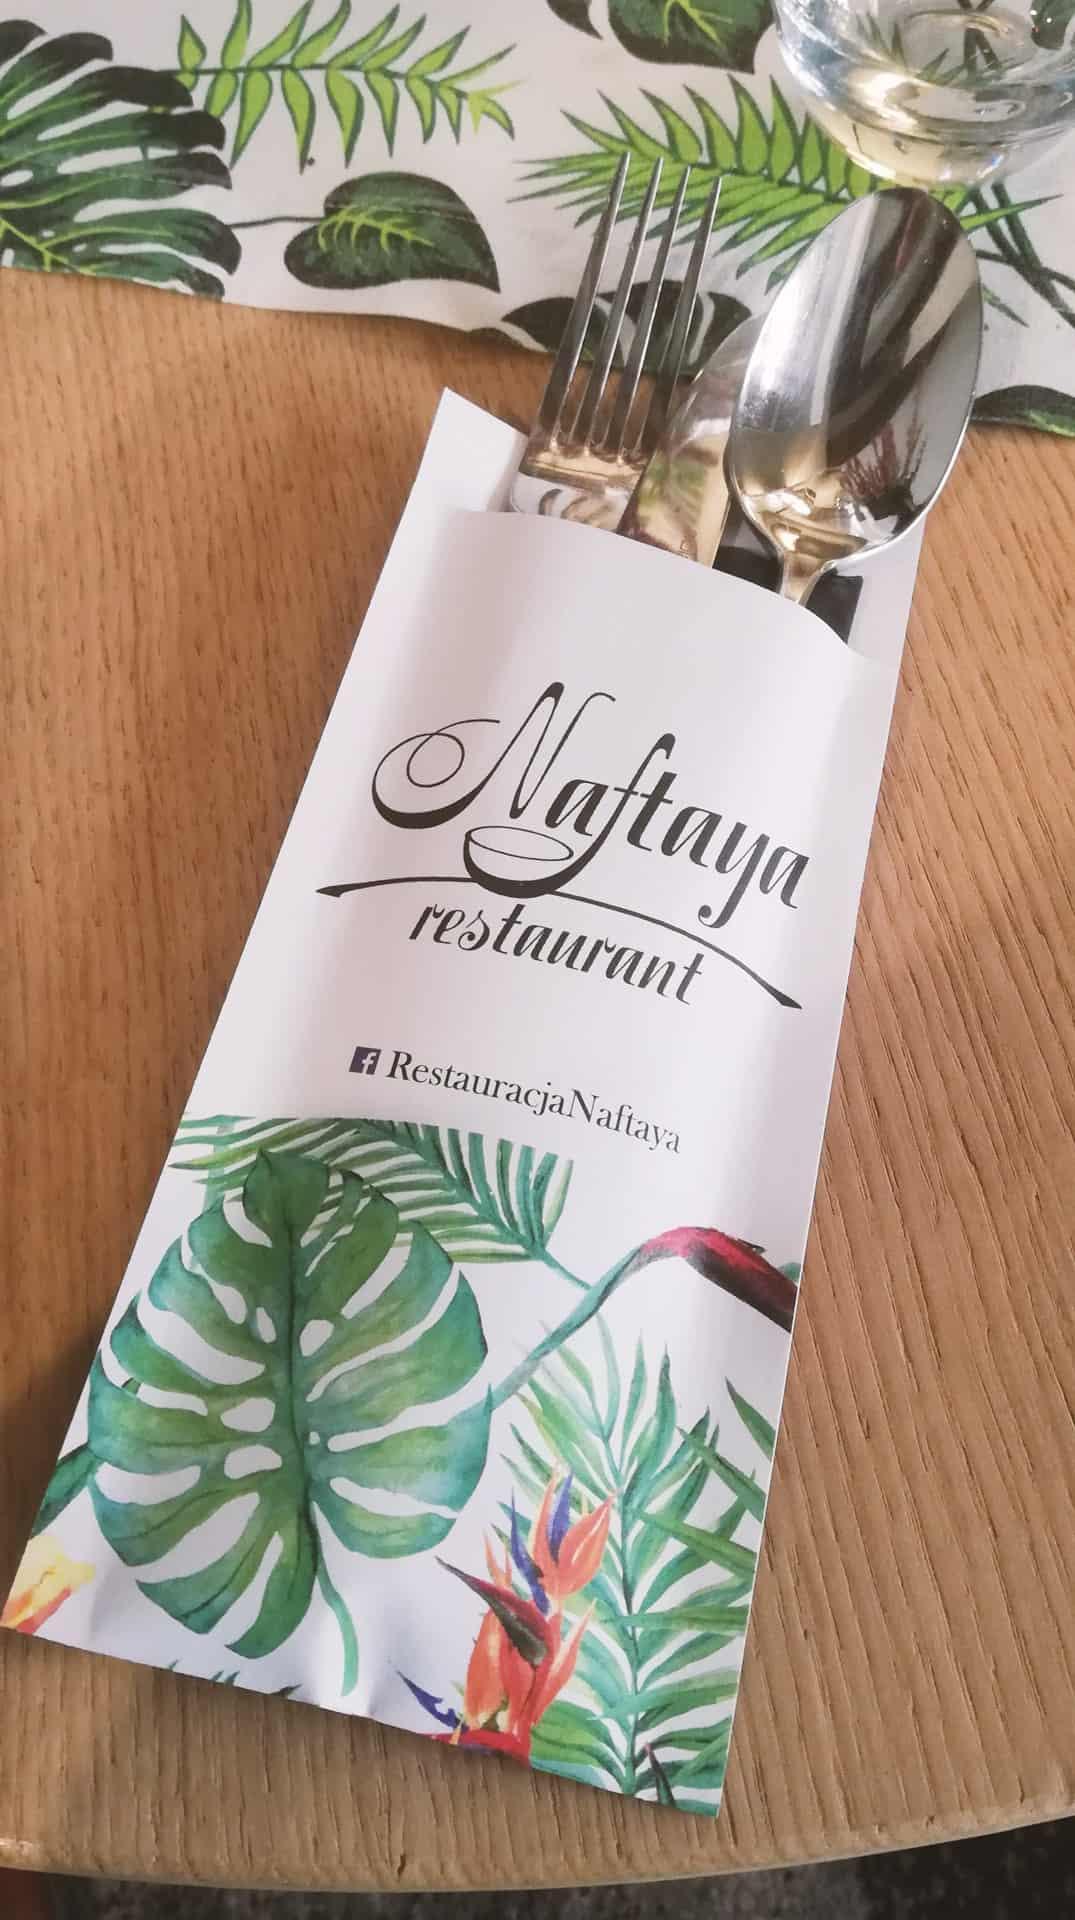 papierowe etui na sztućce z nadrukiem dla restauracji Naftaya